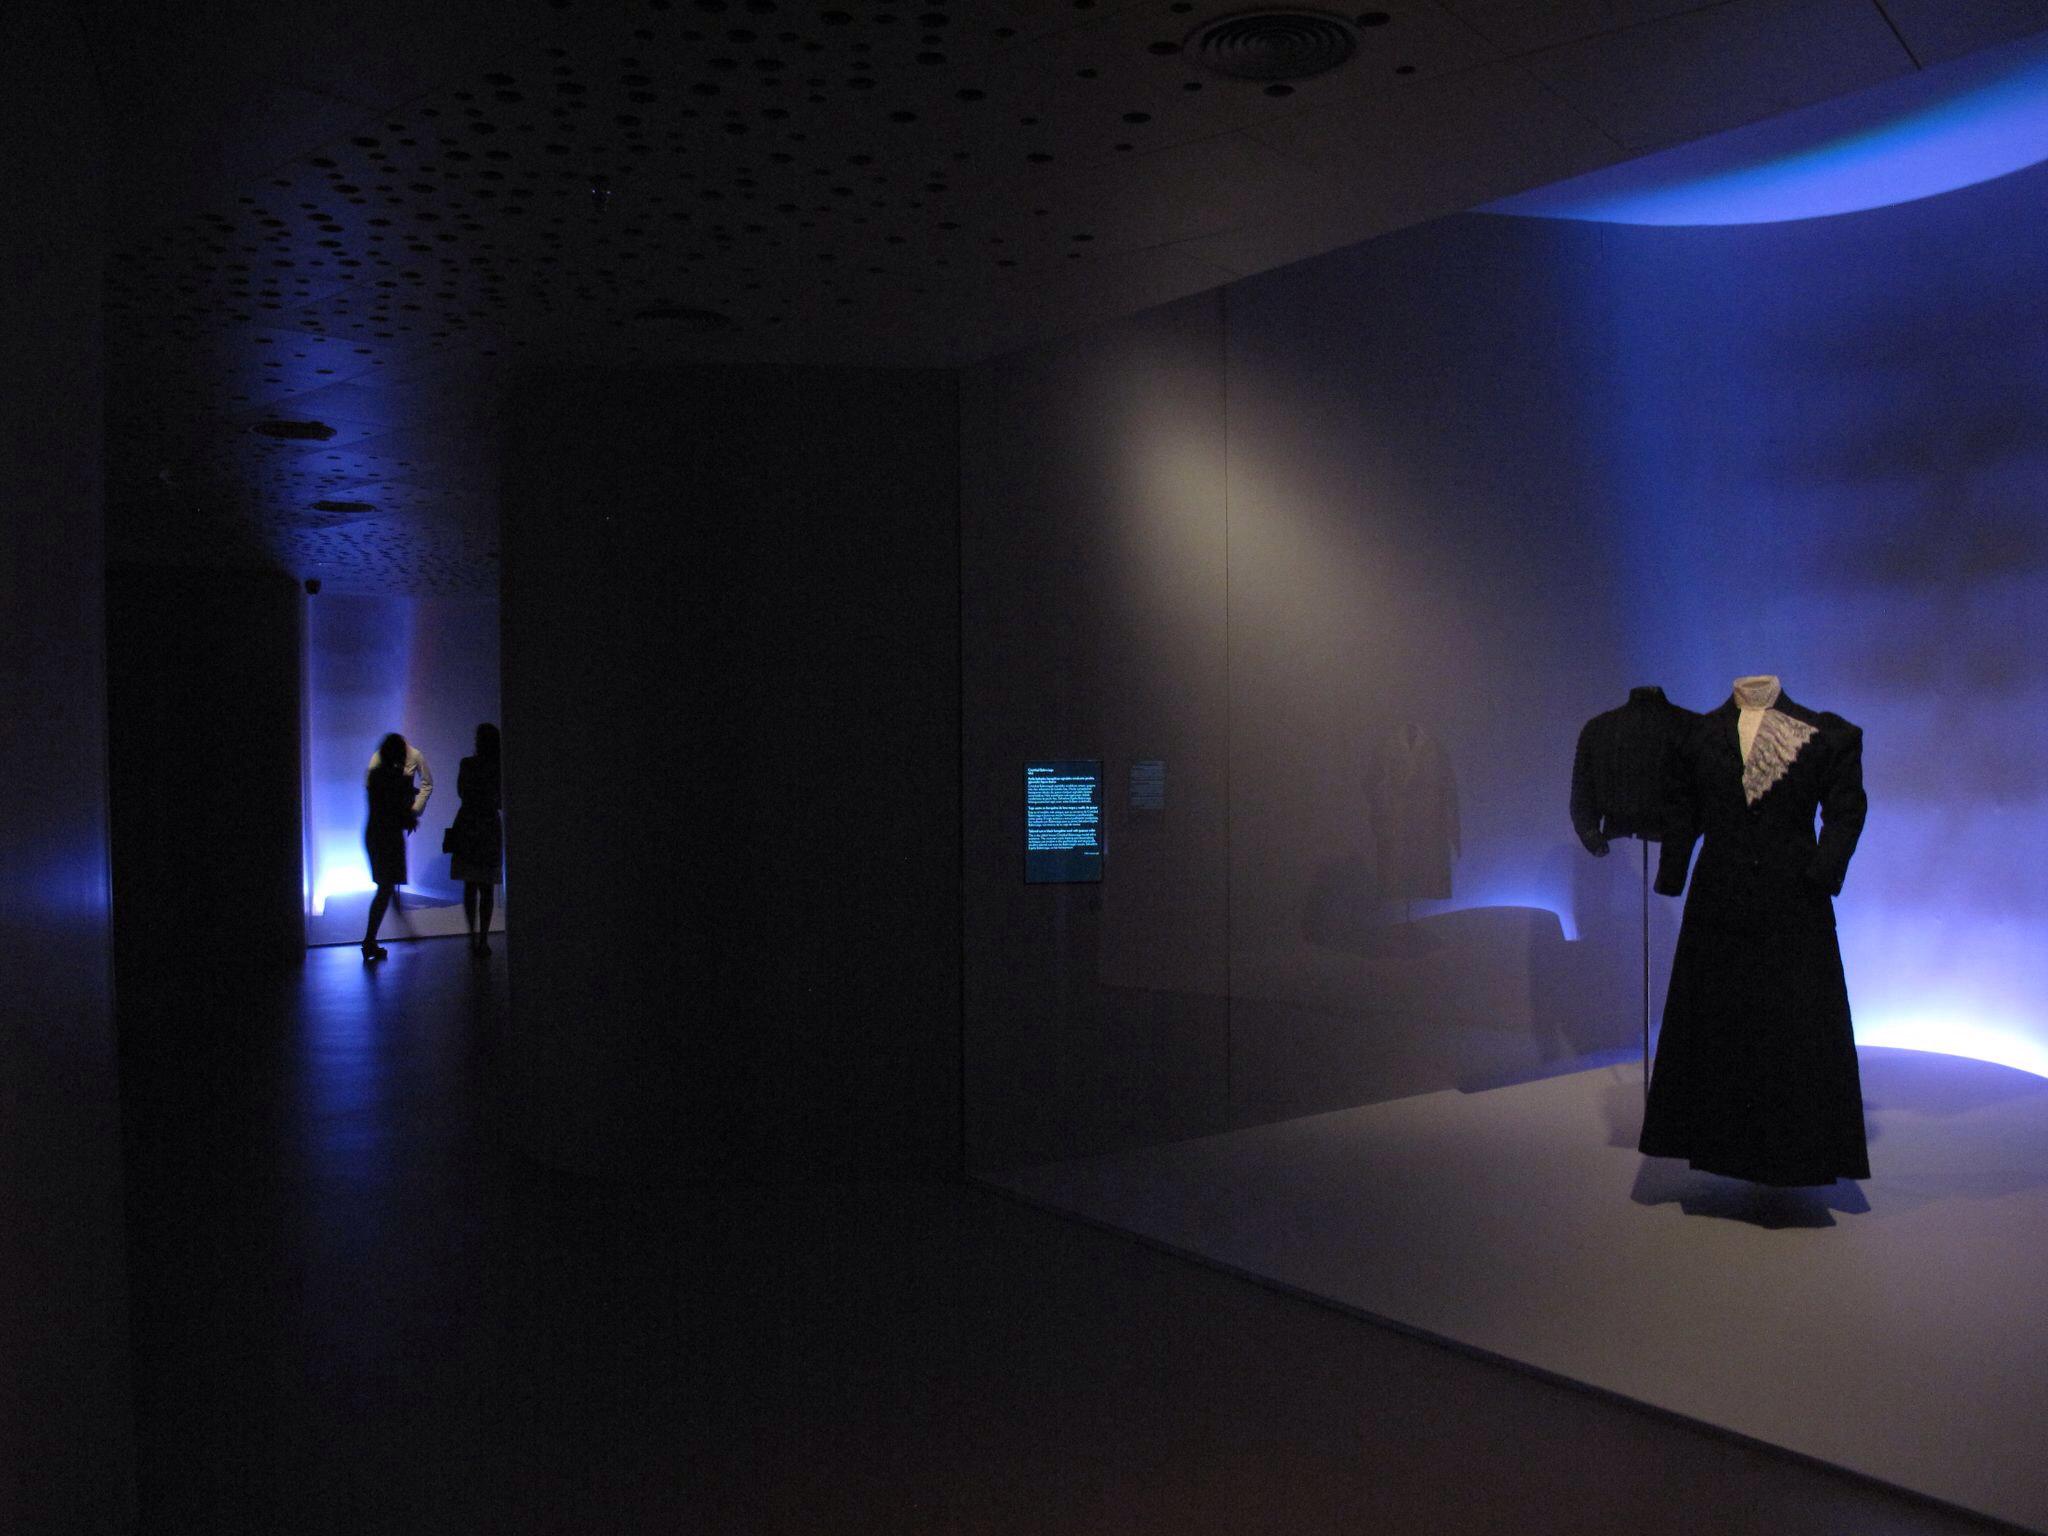 museo balenciaga_exposicion permanente2